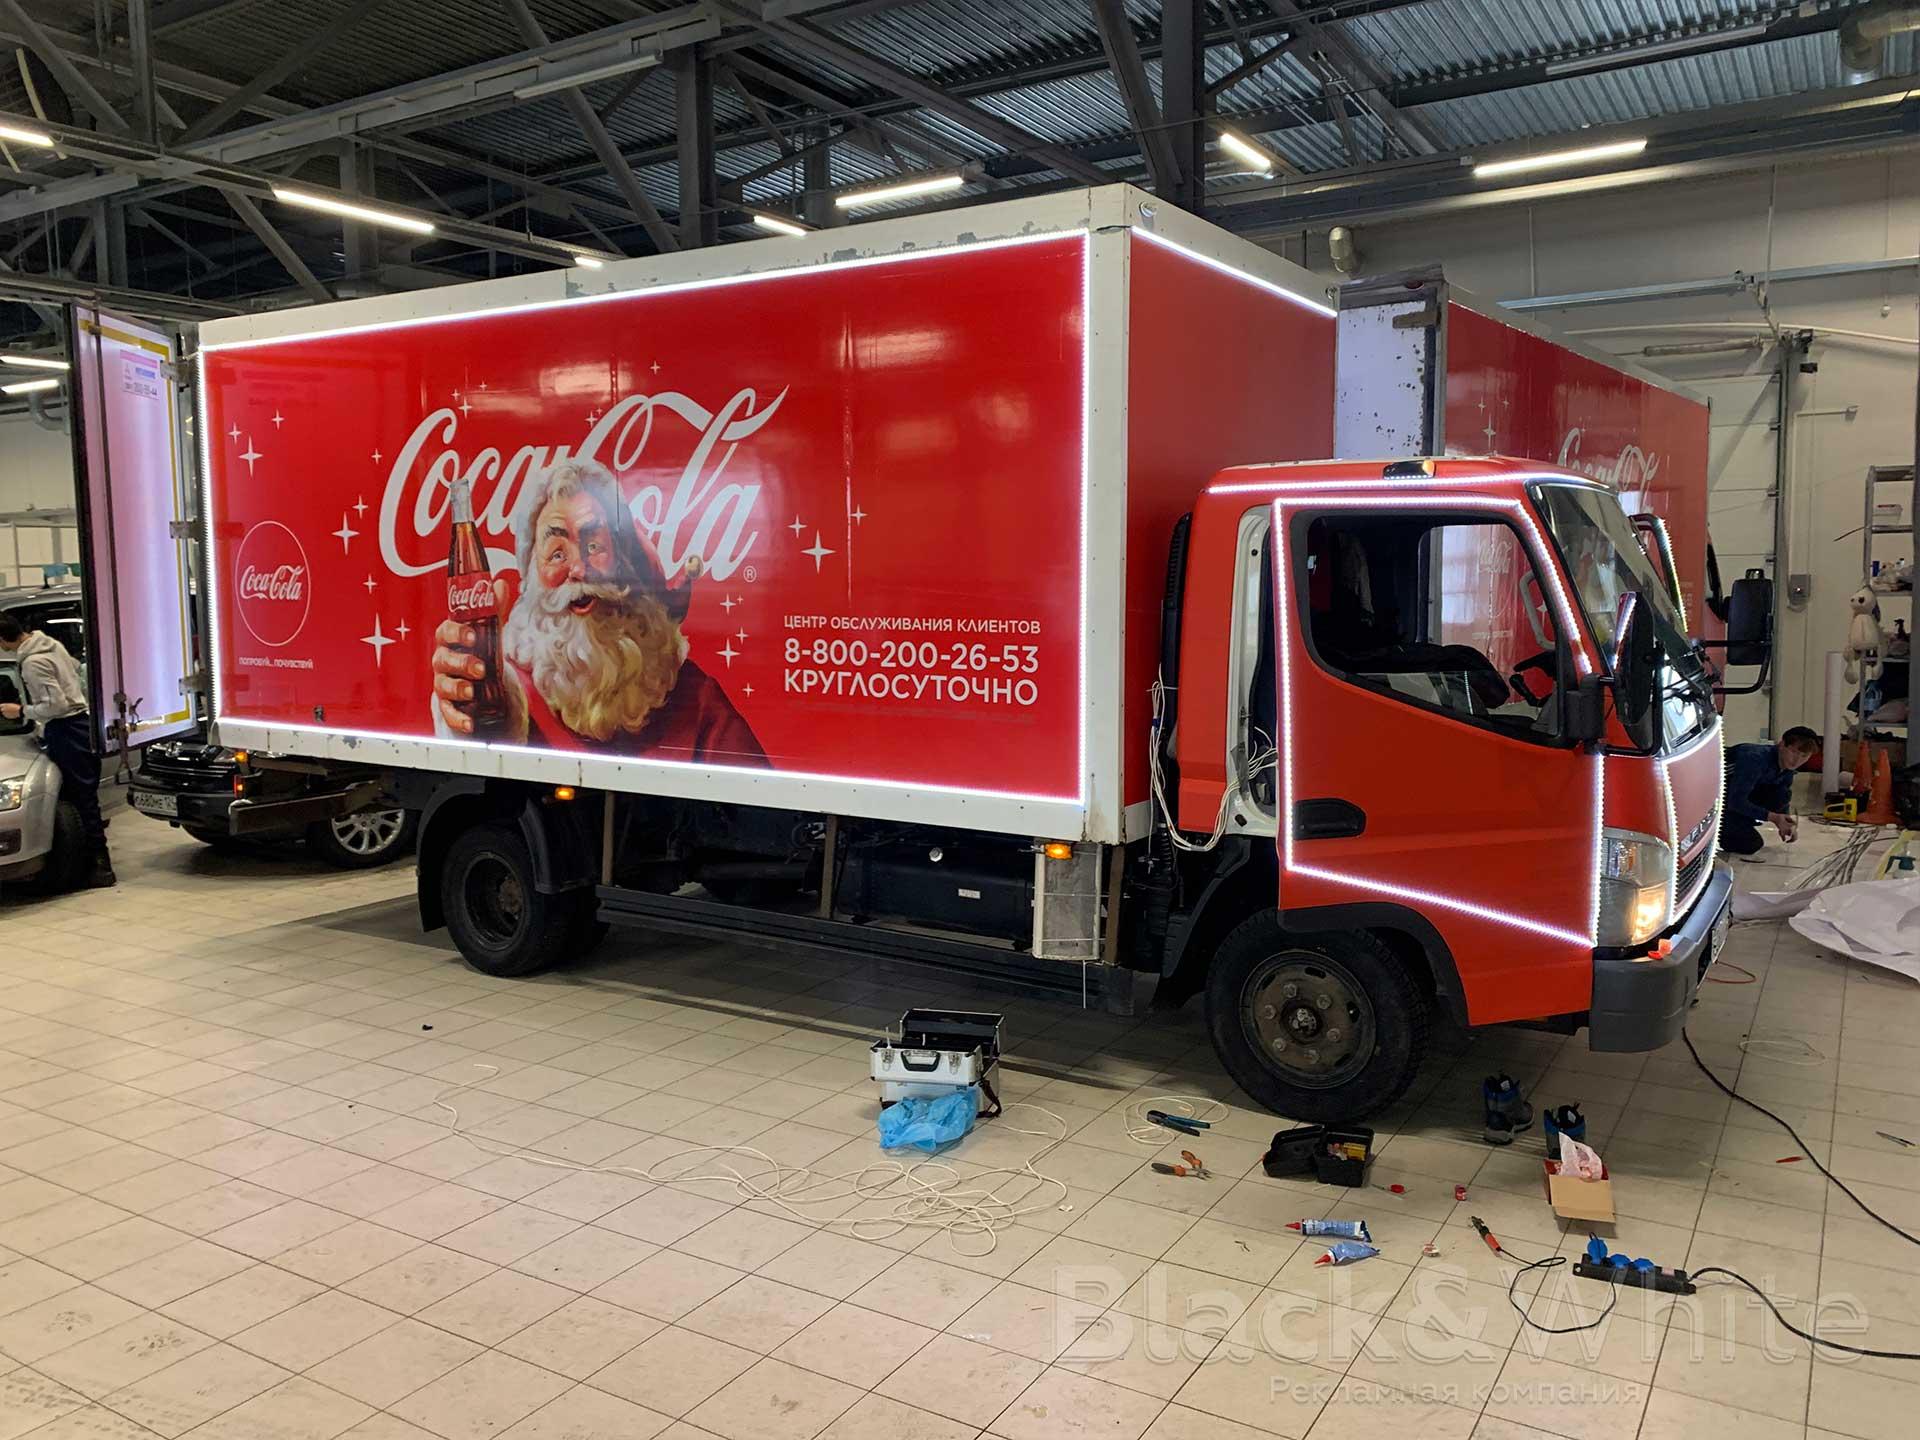 Брендирование-грузовиков-Кока-Кола-подсветка-светодиодной-лентой.jpg